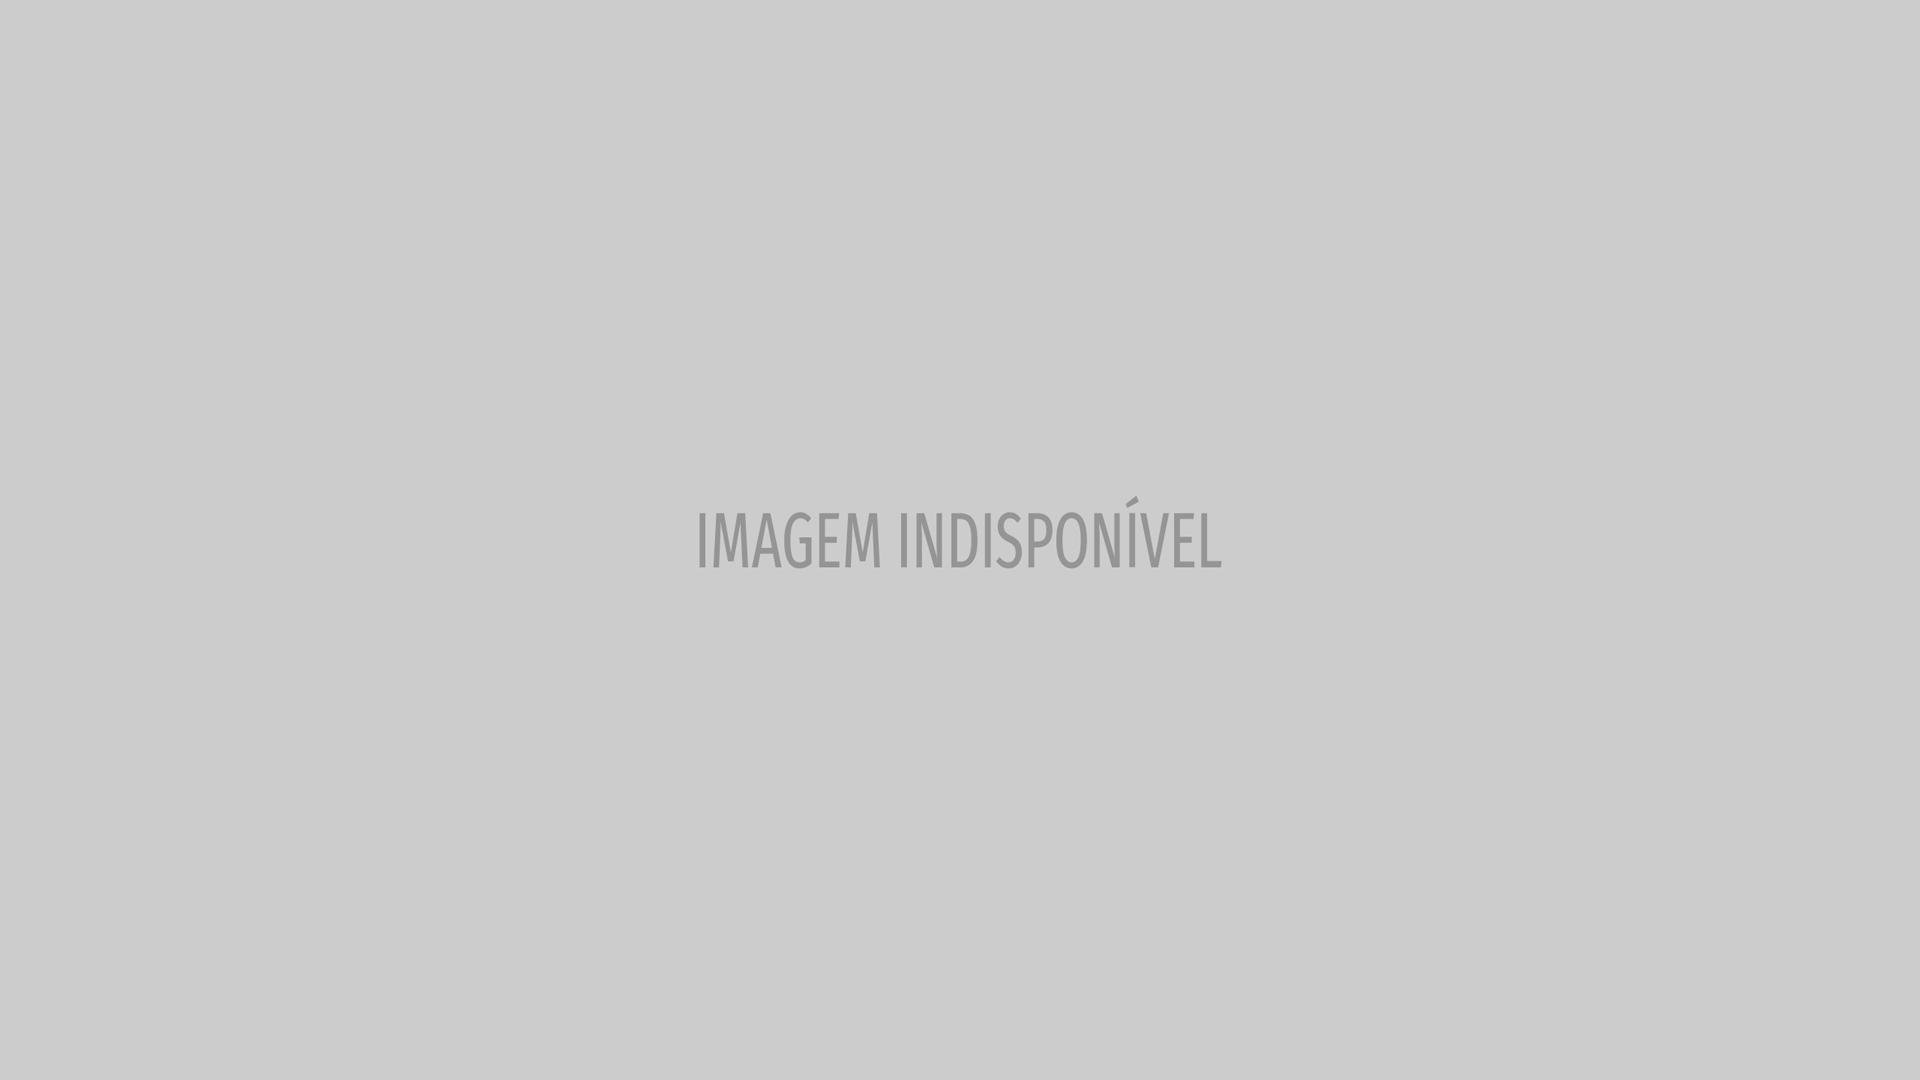 Sinéad O' Connor diz que Prince tentou agredi-la após sucesso de música